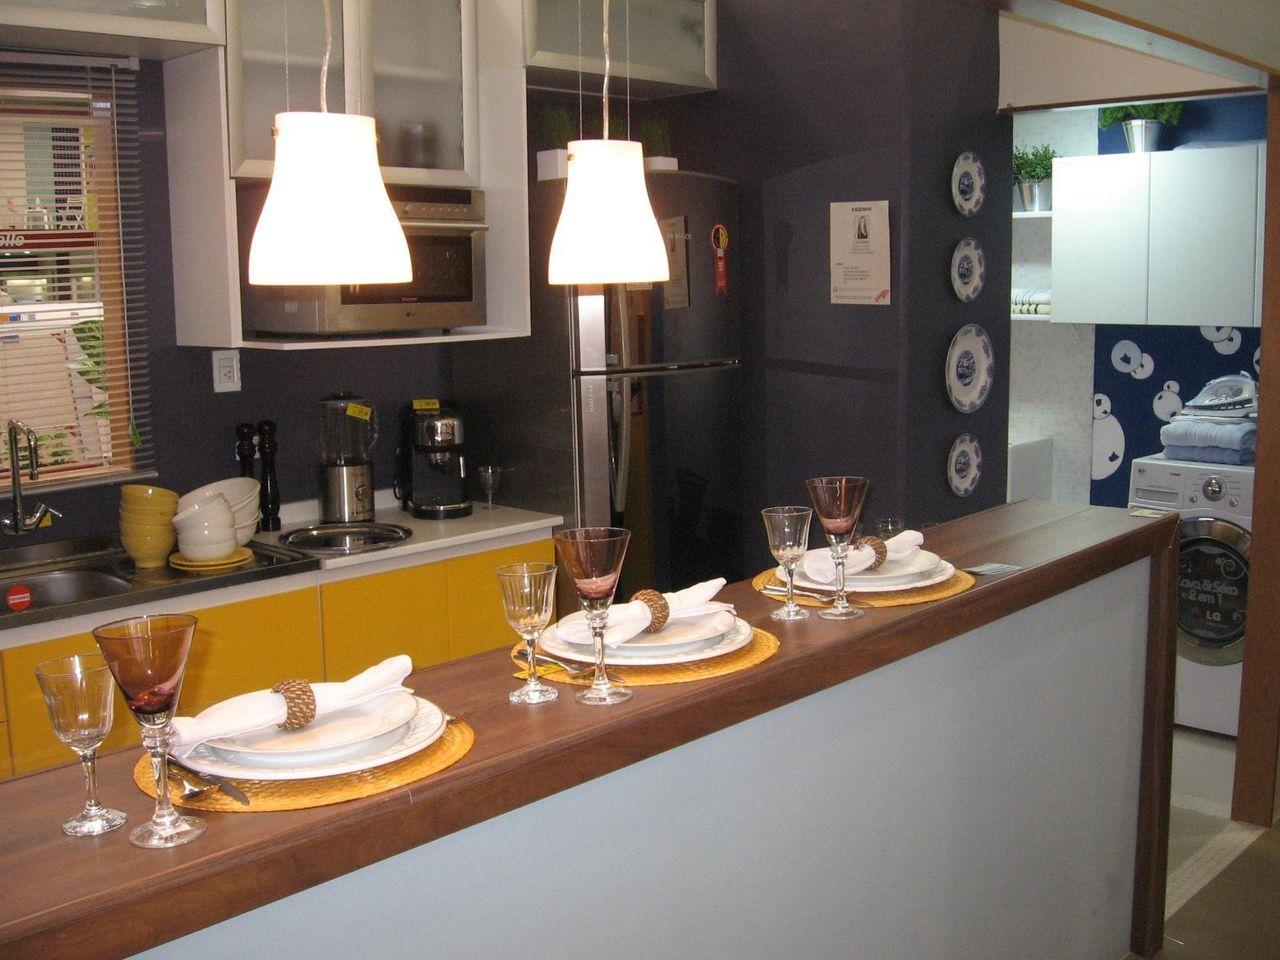 Cozinha Americana Com Bancada De Madeira De Lugama Lugama 50887 No